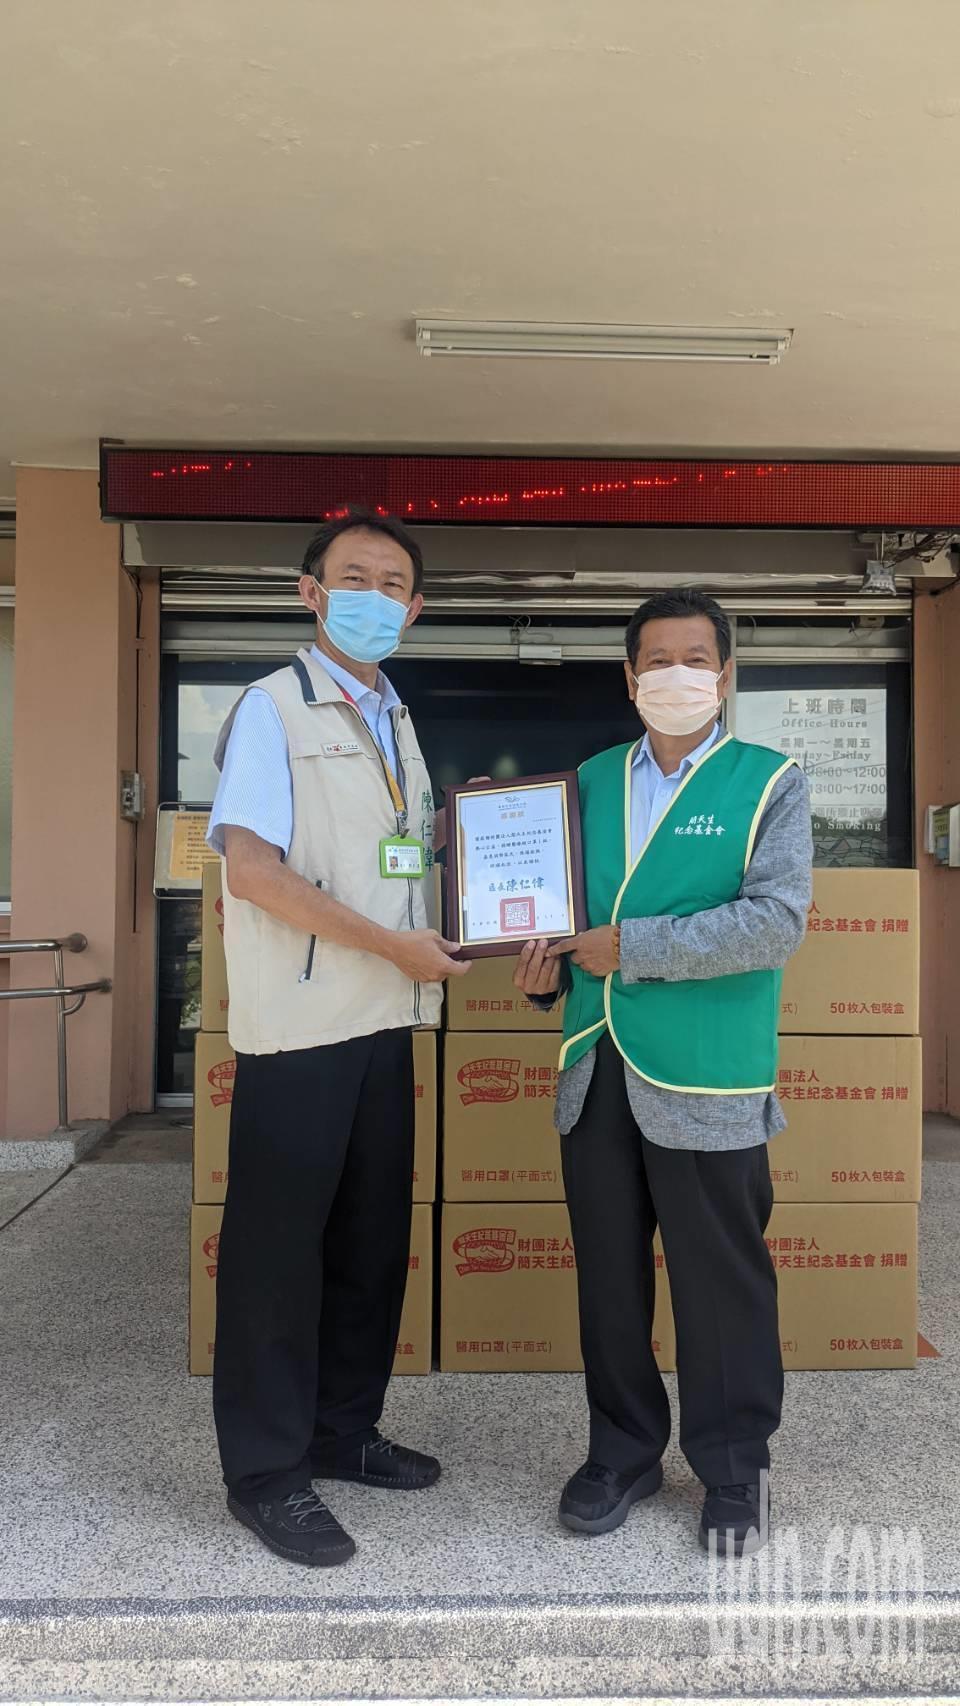 新麗副總經理呂忠誠(右)代表捐贈5萬片醫療級口罩給官田公所。記者周宗禎/攝影